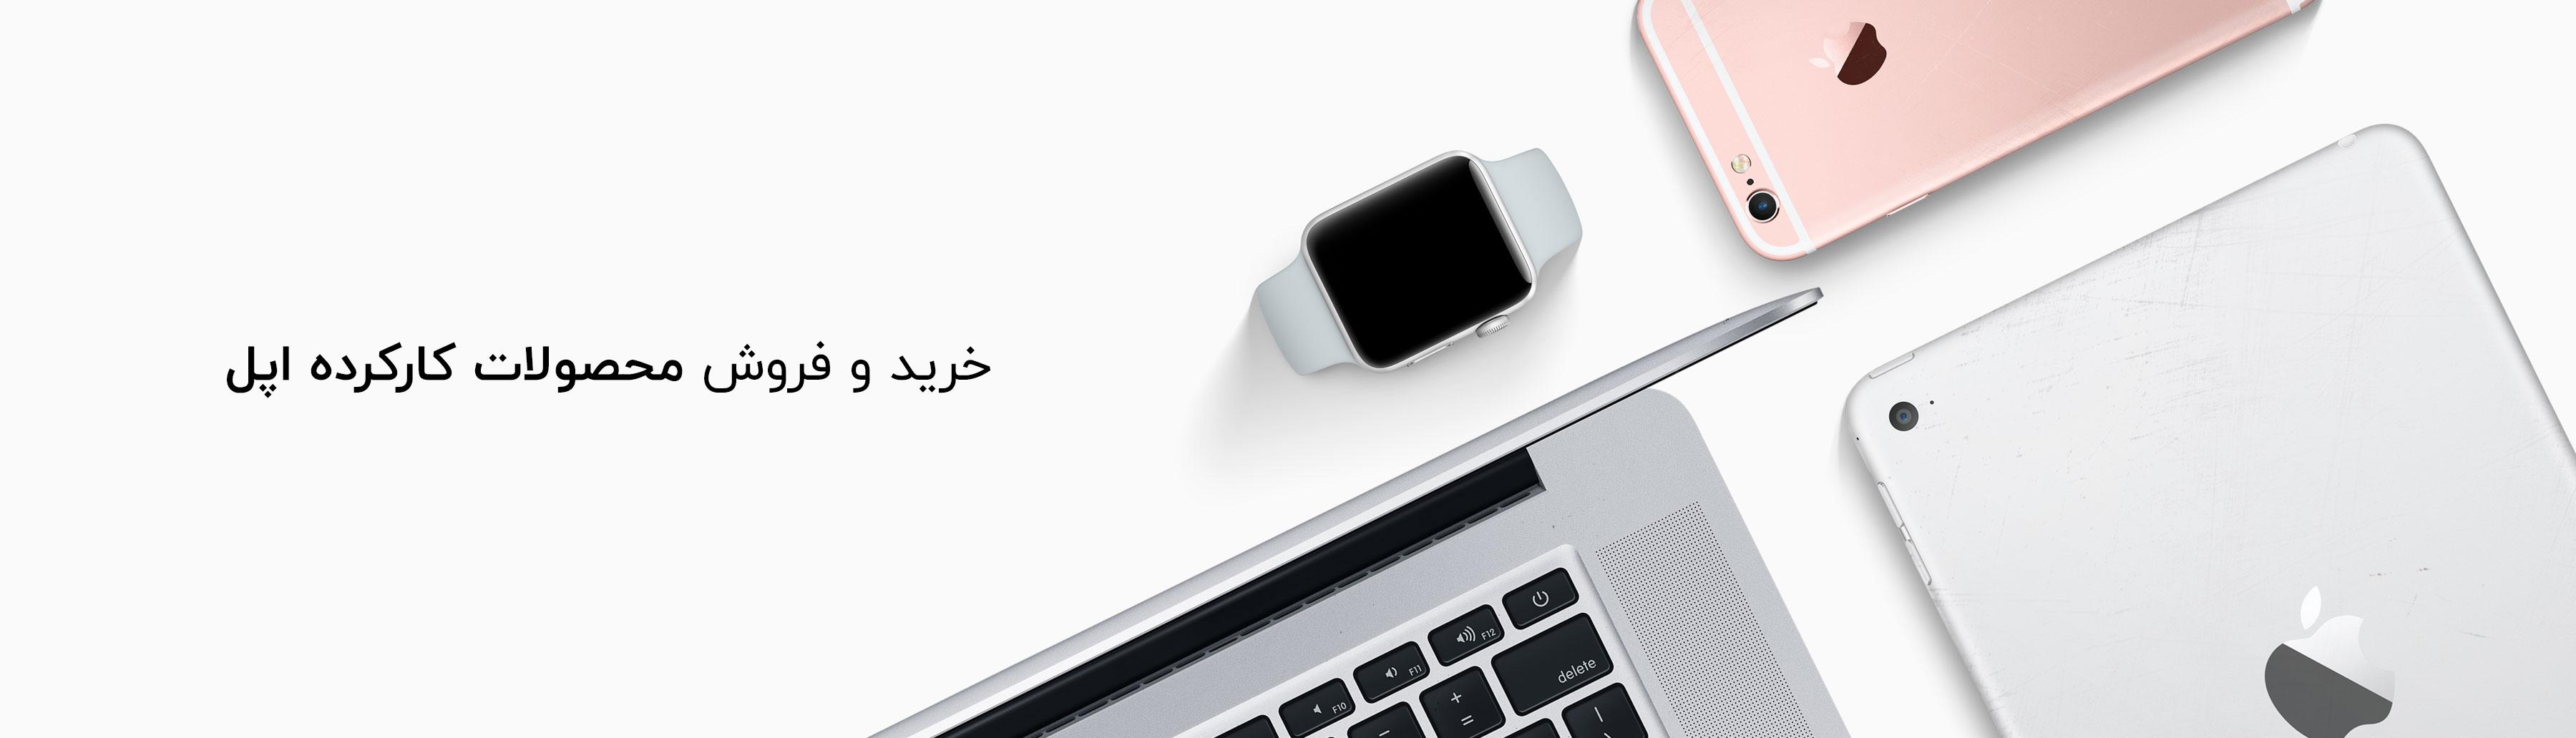 محصولات کارکرده اپل